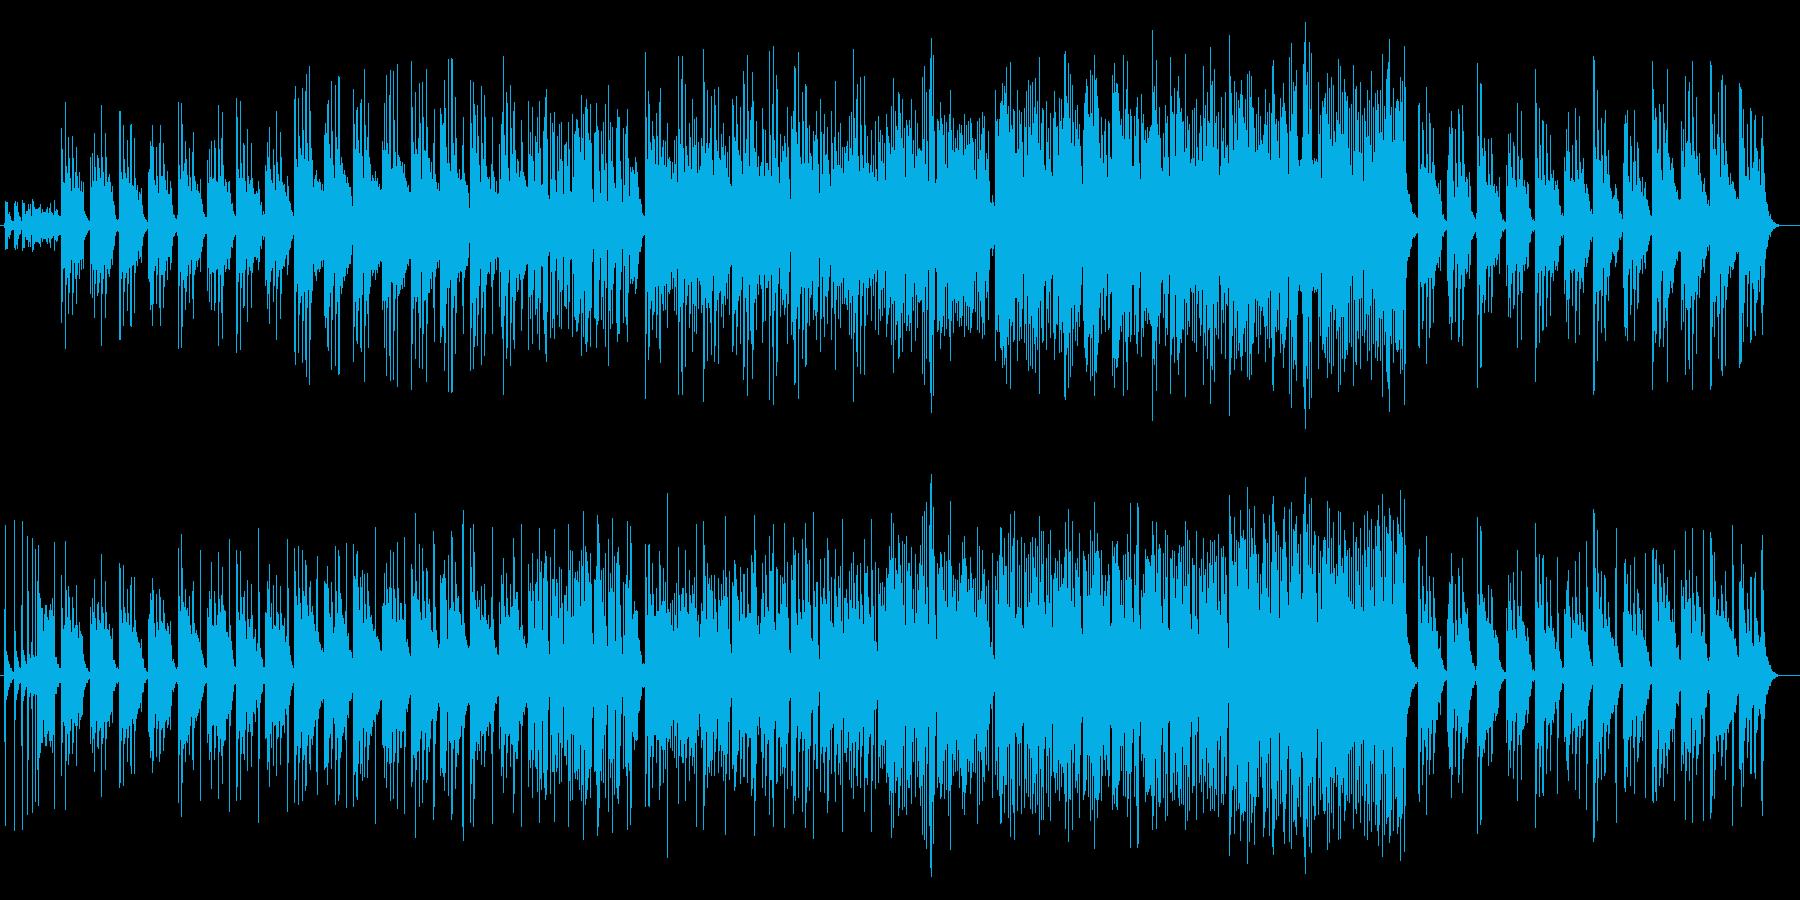 華麗で優雅な和風三味線サウンドの再生済みの波形